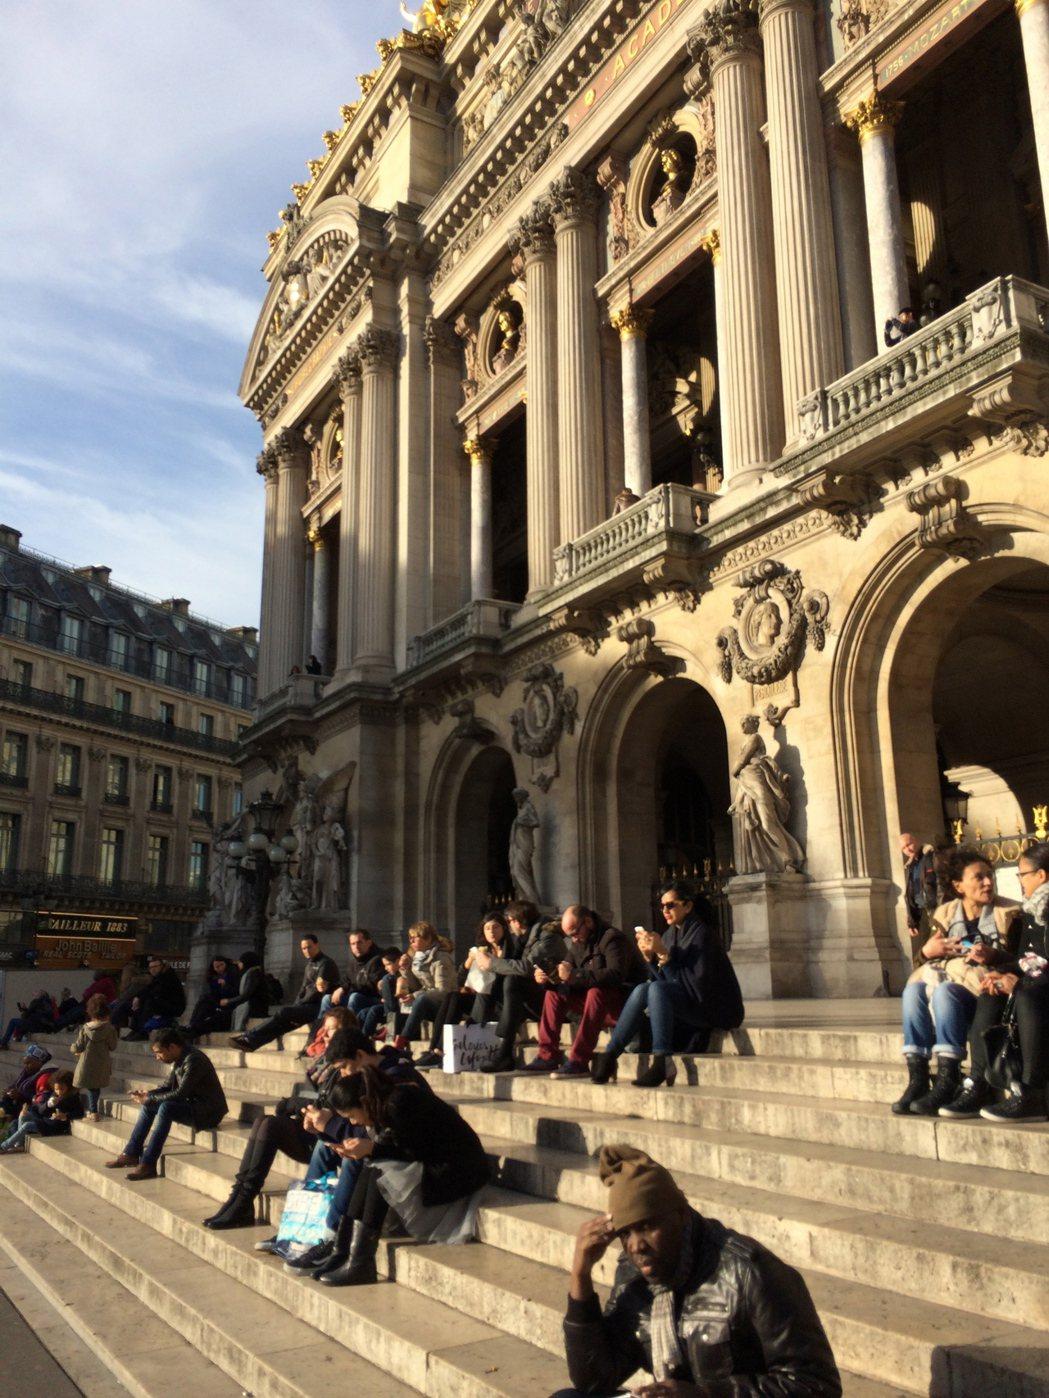 因為未曾真正居住過,所以對巴黎只有愛,沒有因為頻繁相處而滋生的「巴黎症候群」。 ...